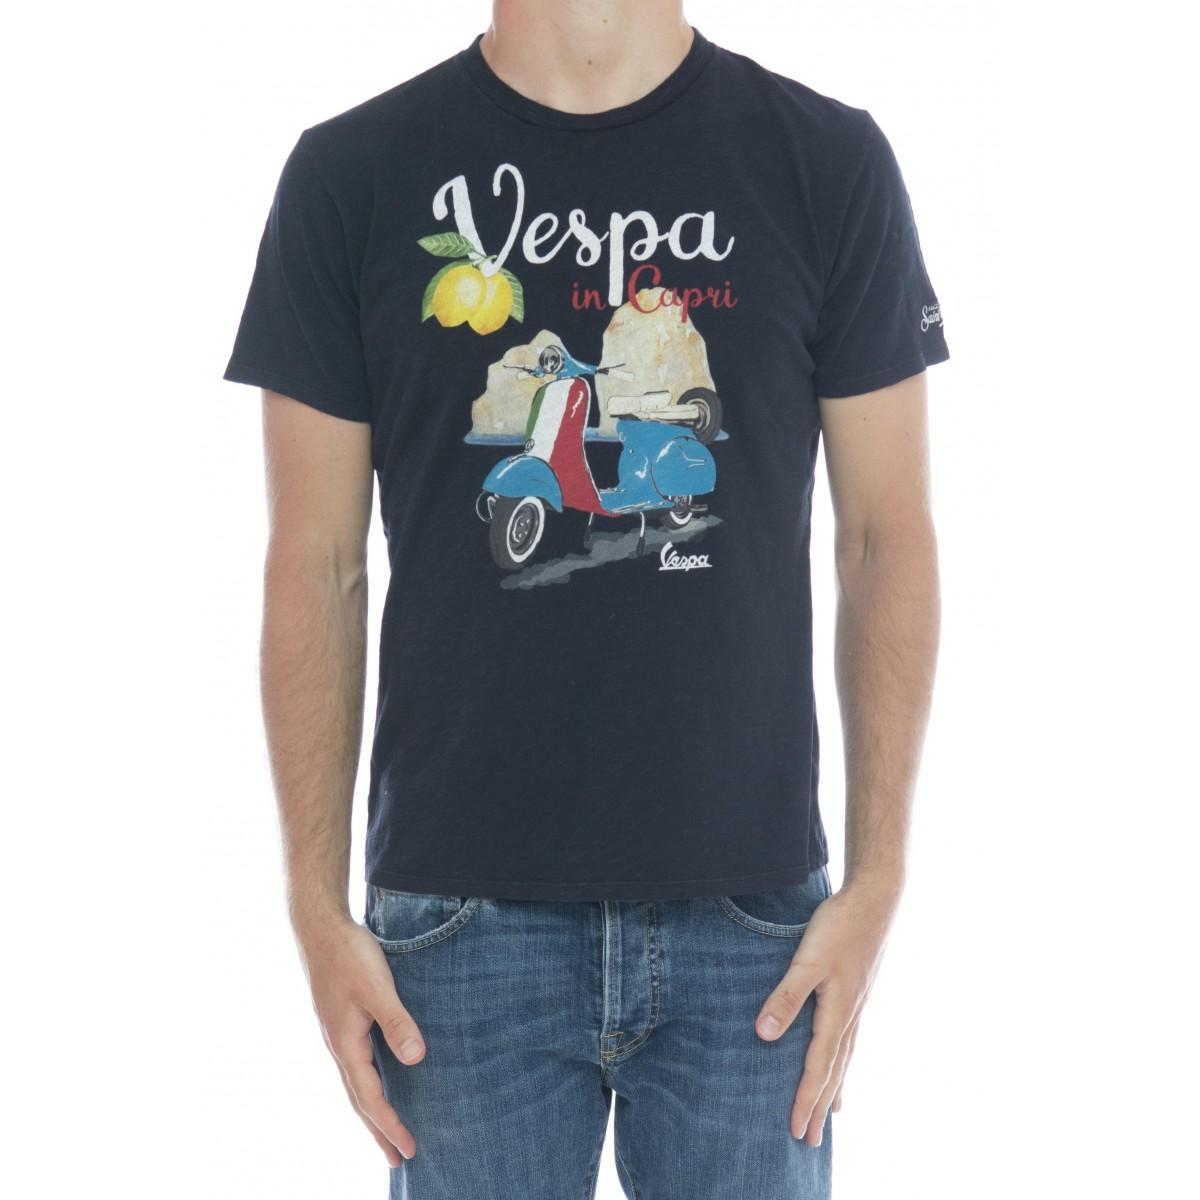 T-shirt - Skylar fiammato